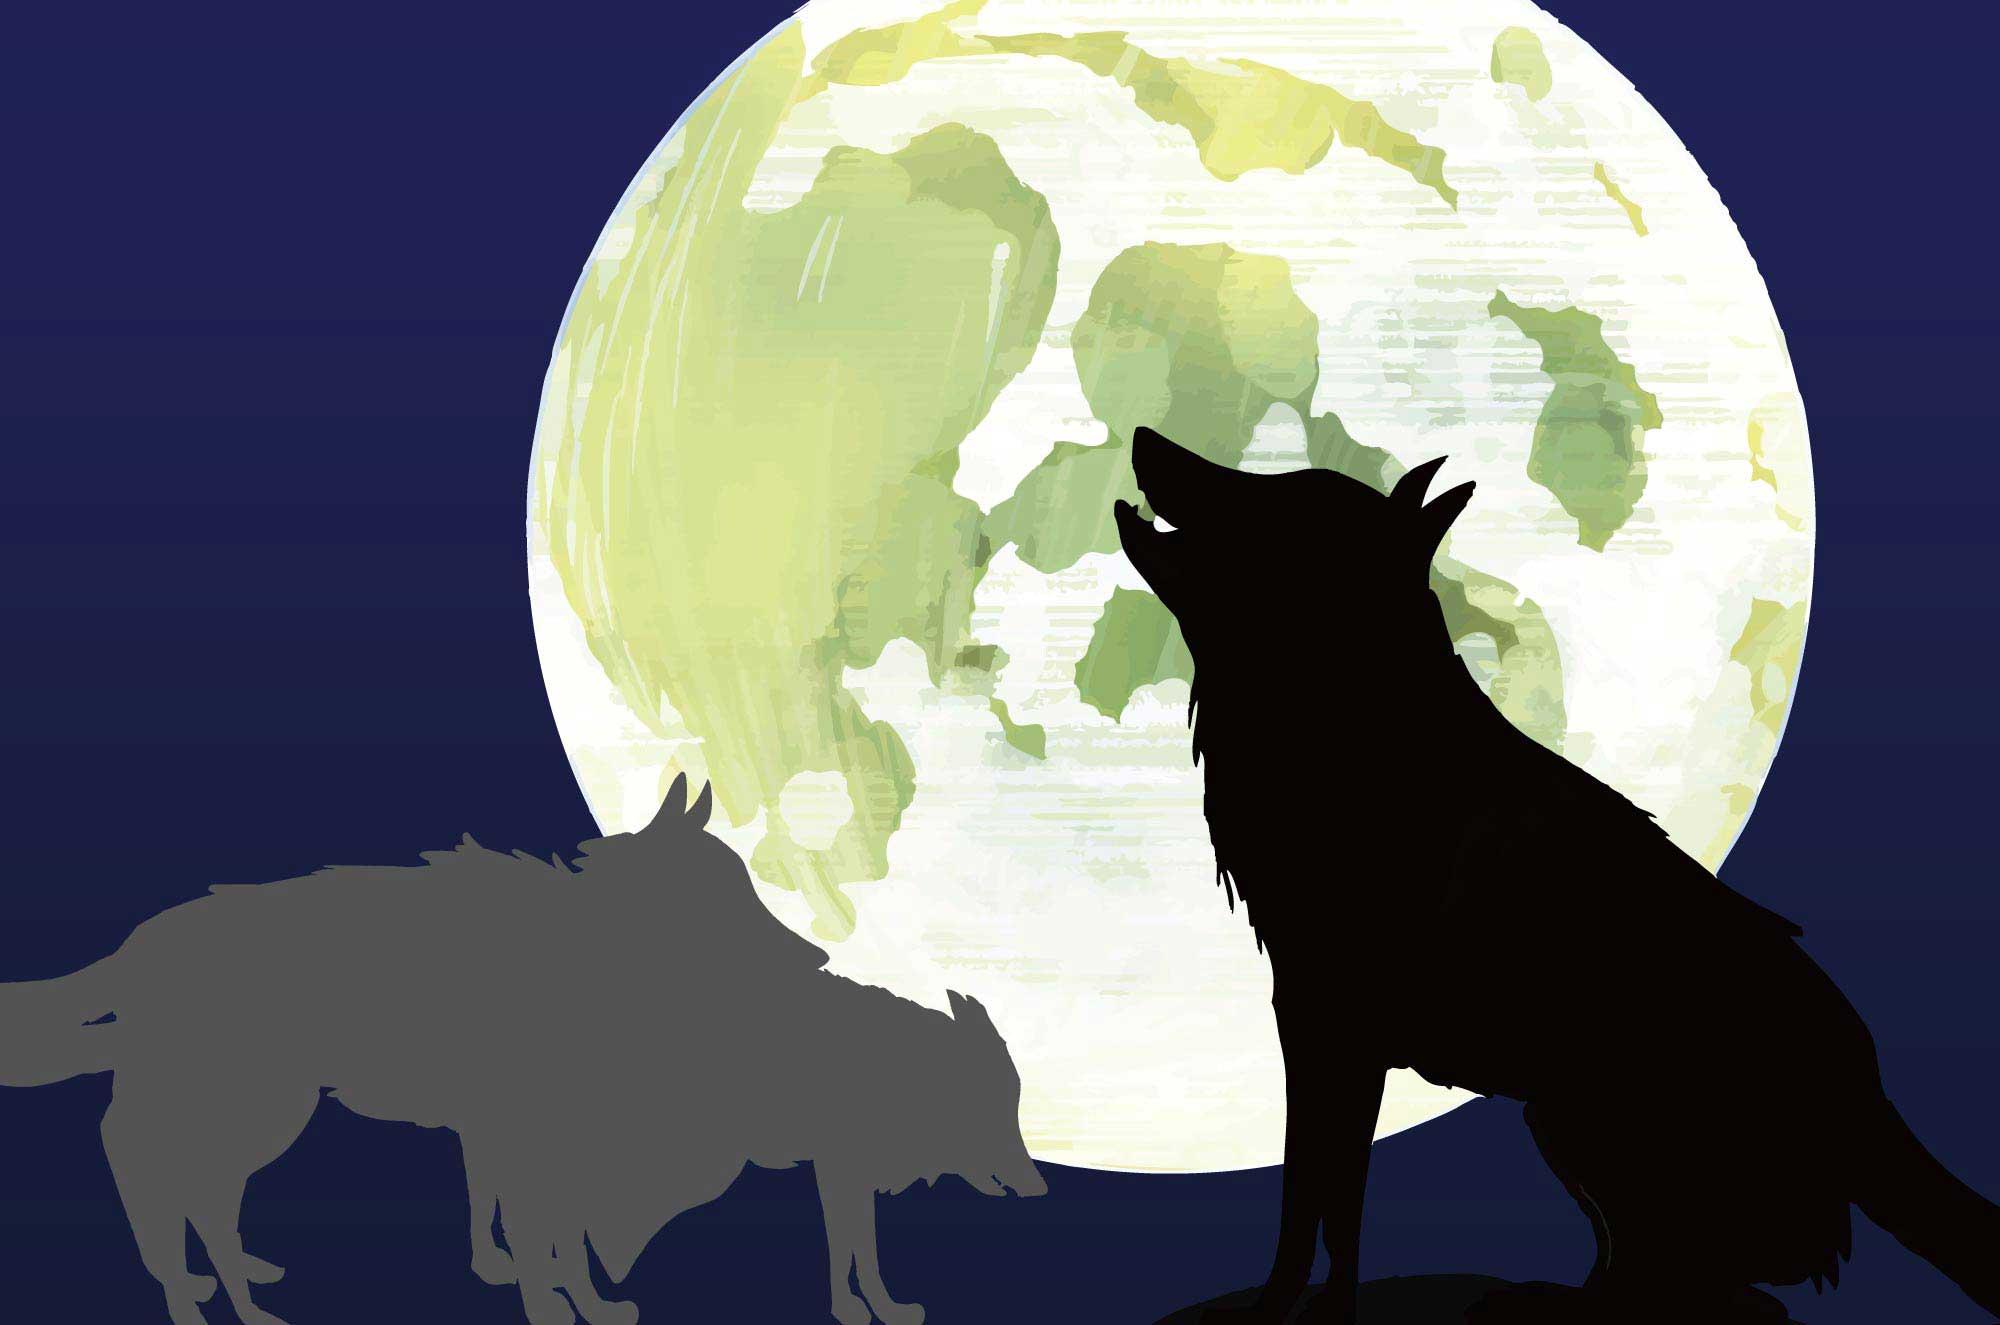 狼のイラスト - かっこいい・可愛い獣の無料素材 - チコデザ